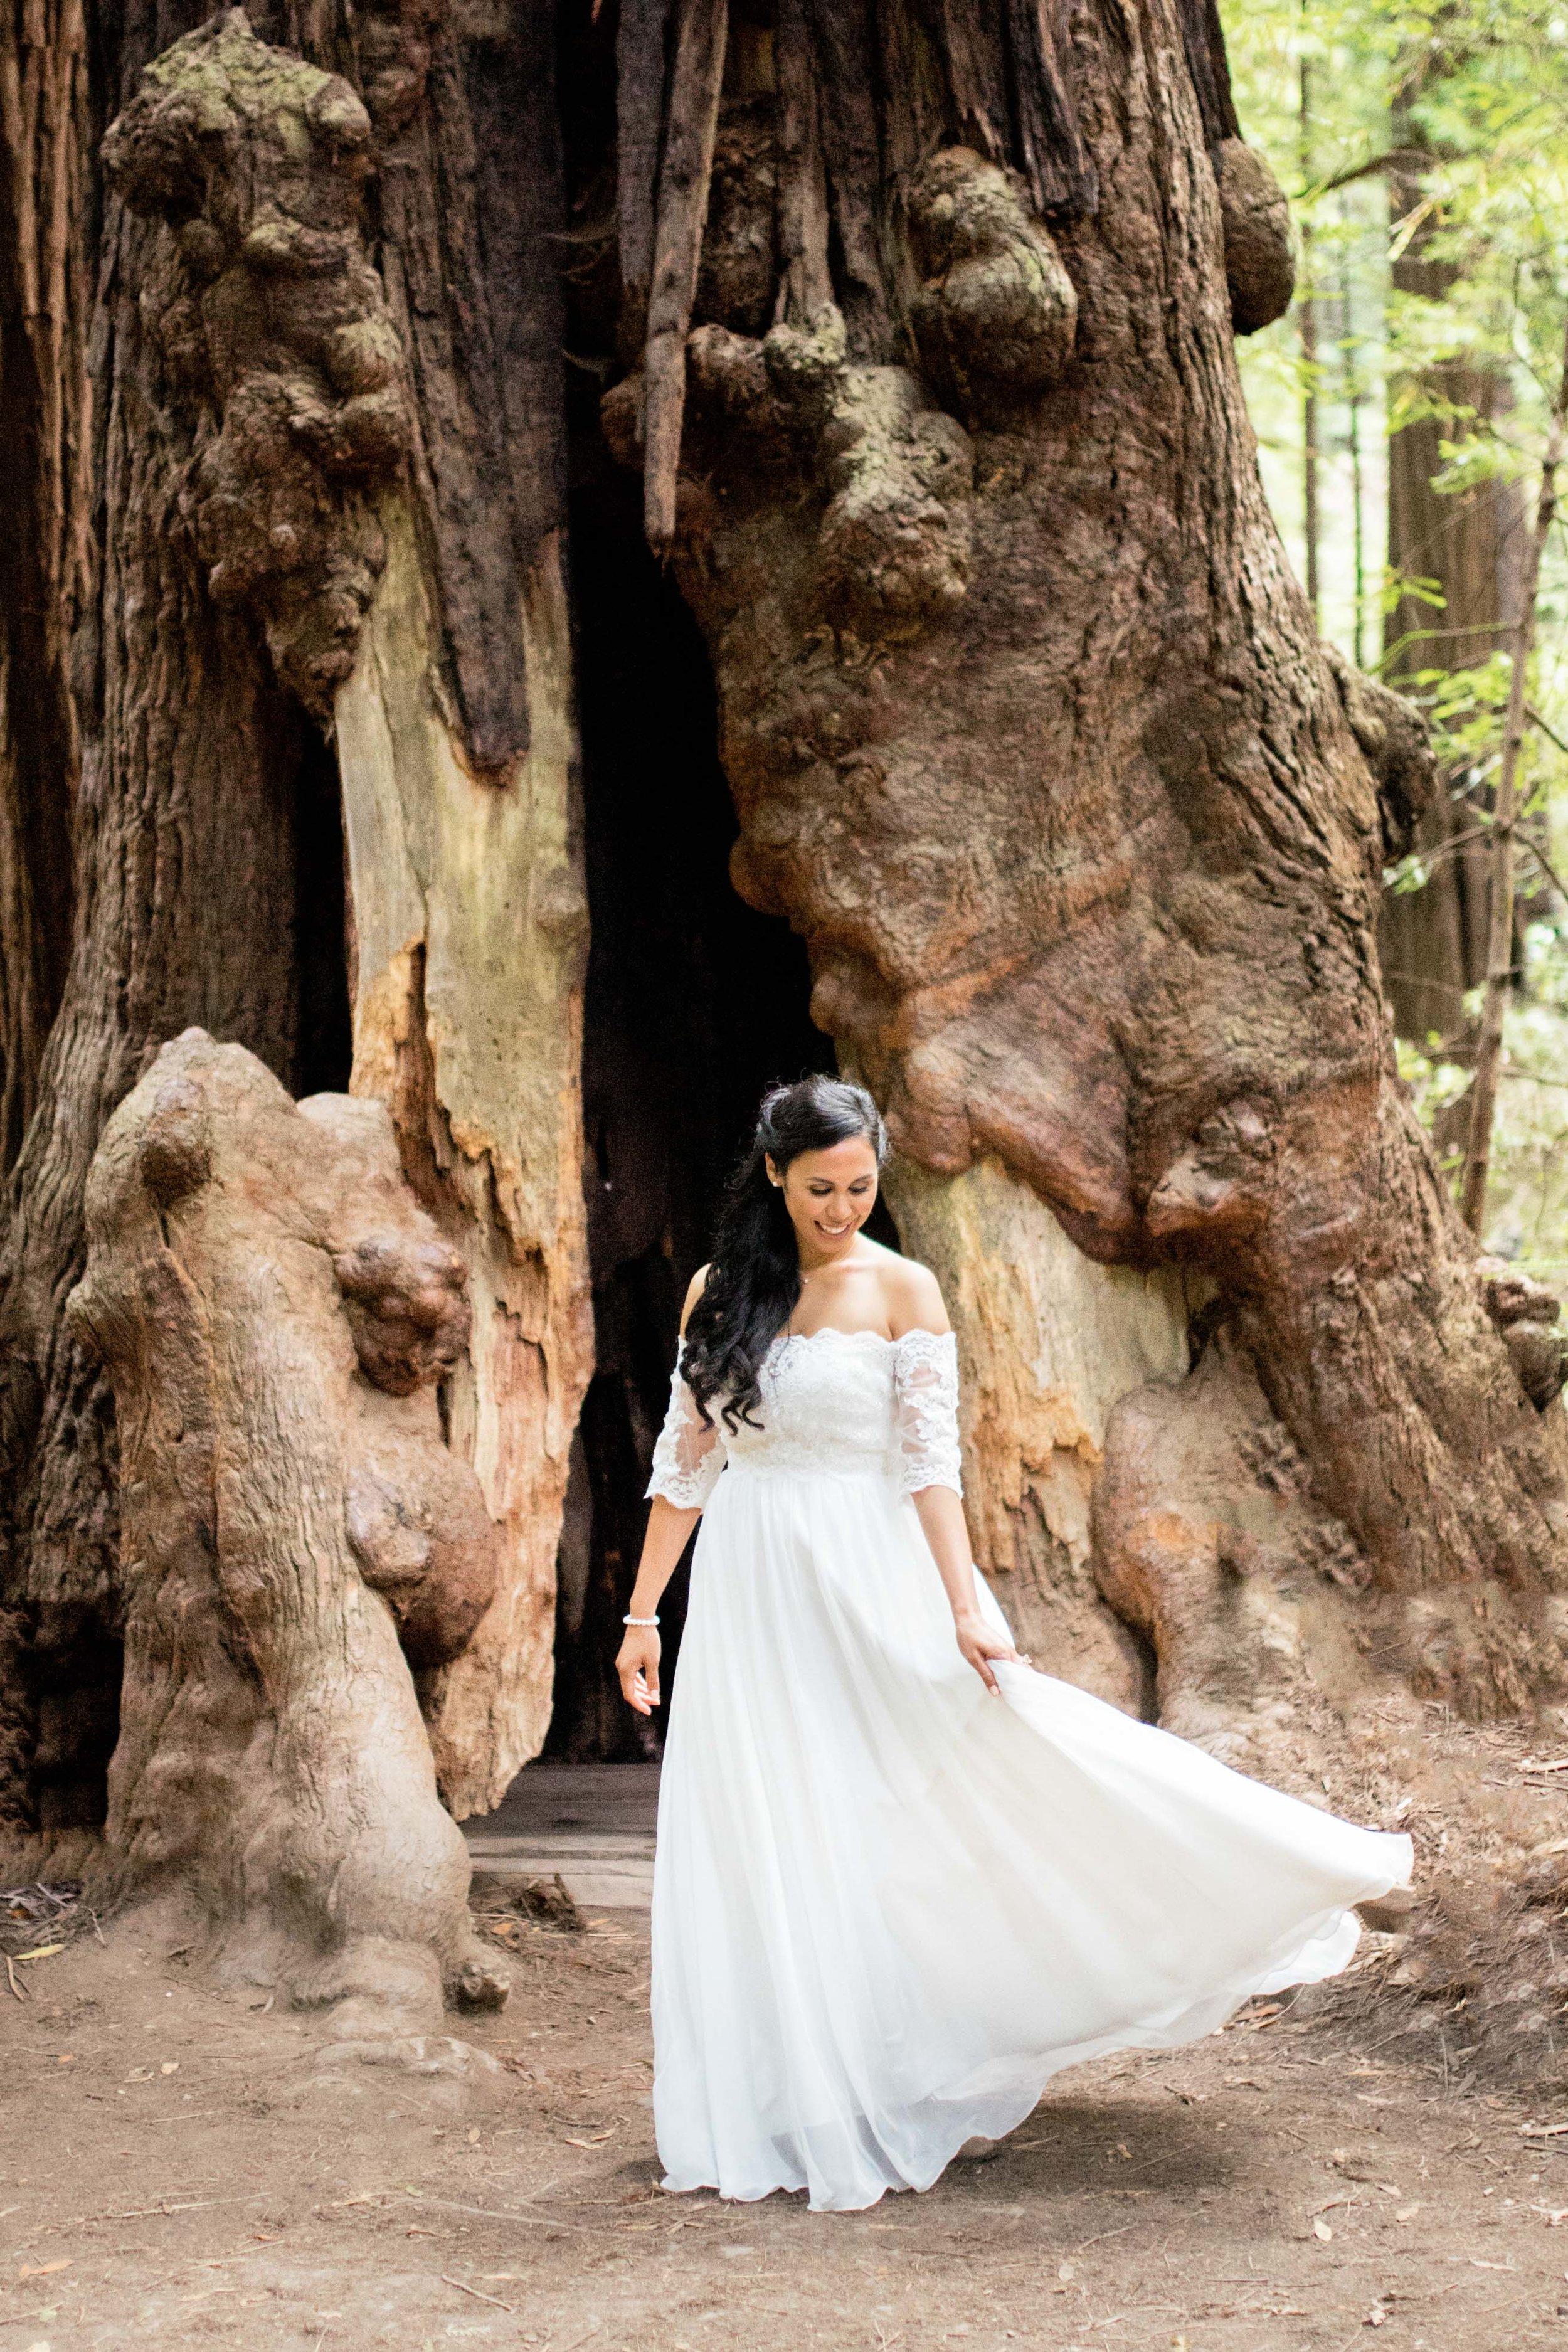 007_Krysten-Crebin-Muir-Woods-Elopement-Wedding-Photographer.jpg